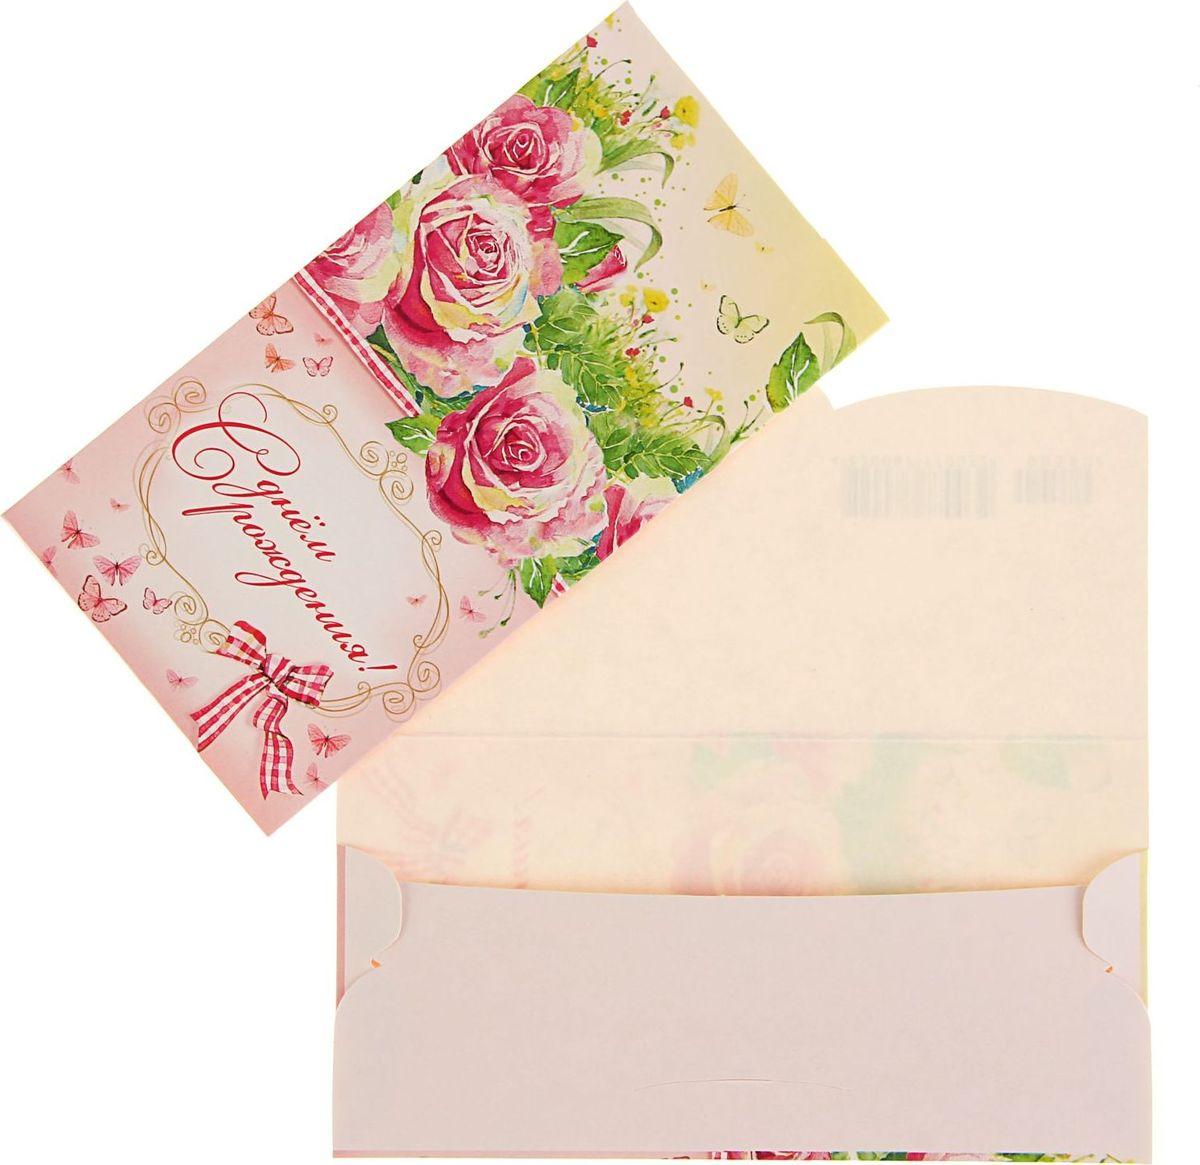 Конверт для денег Эдельвейс С Днем Рождения! Розовые розы, 17 х 8,8 см1735021Невозможно представить нашу жизнь без праздников! Мы всегда ждём их и предвкушаем, обдумываем, как проведём памятный день, тщательно выбираем подарки и аксессуары, ведь именно они создают и поддерживают торжественный настрой. Этот конверт для денег - отличный выбор, который привнесёт атмосферу праздника в ваш дом!